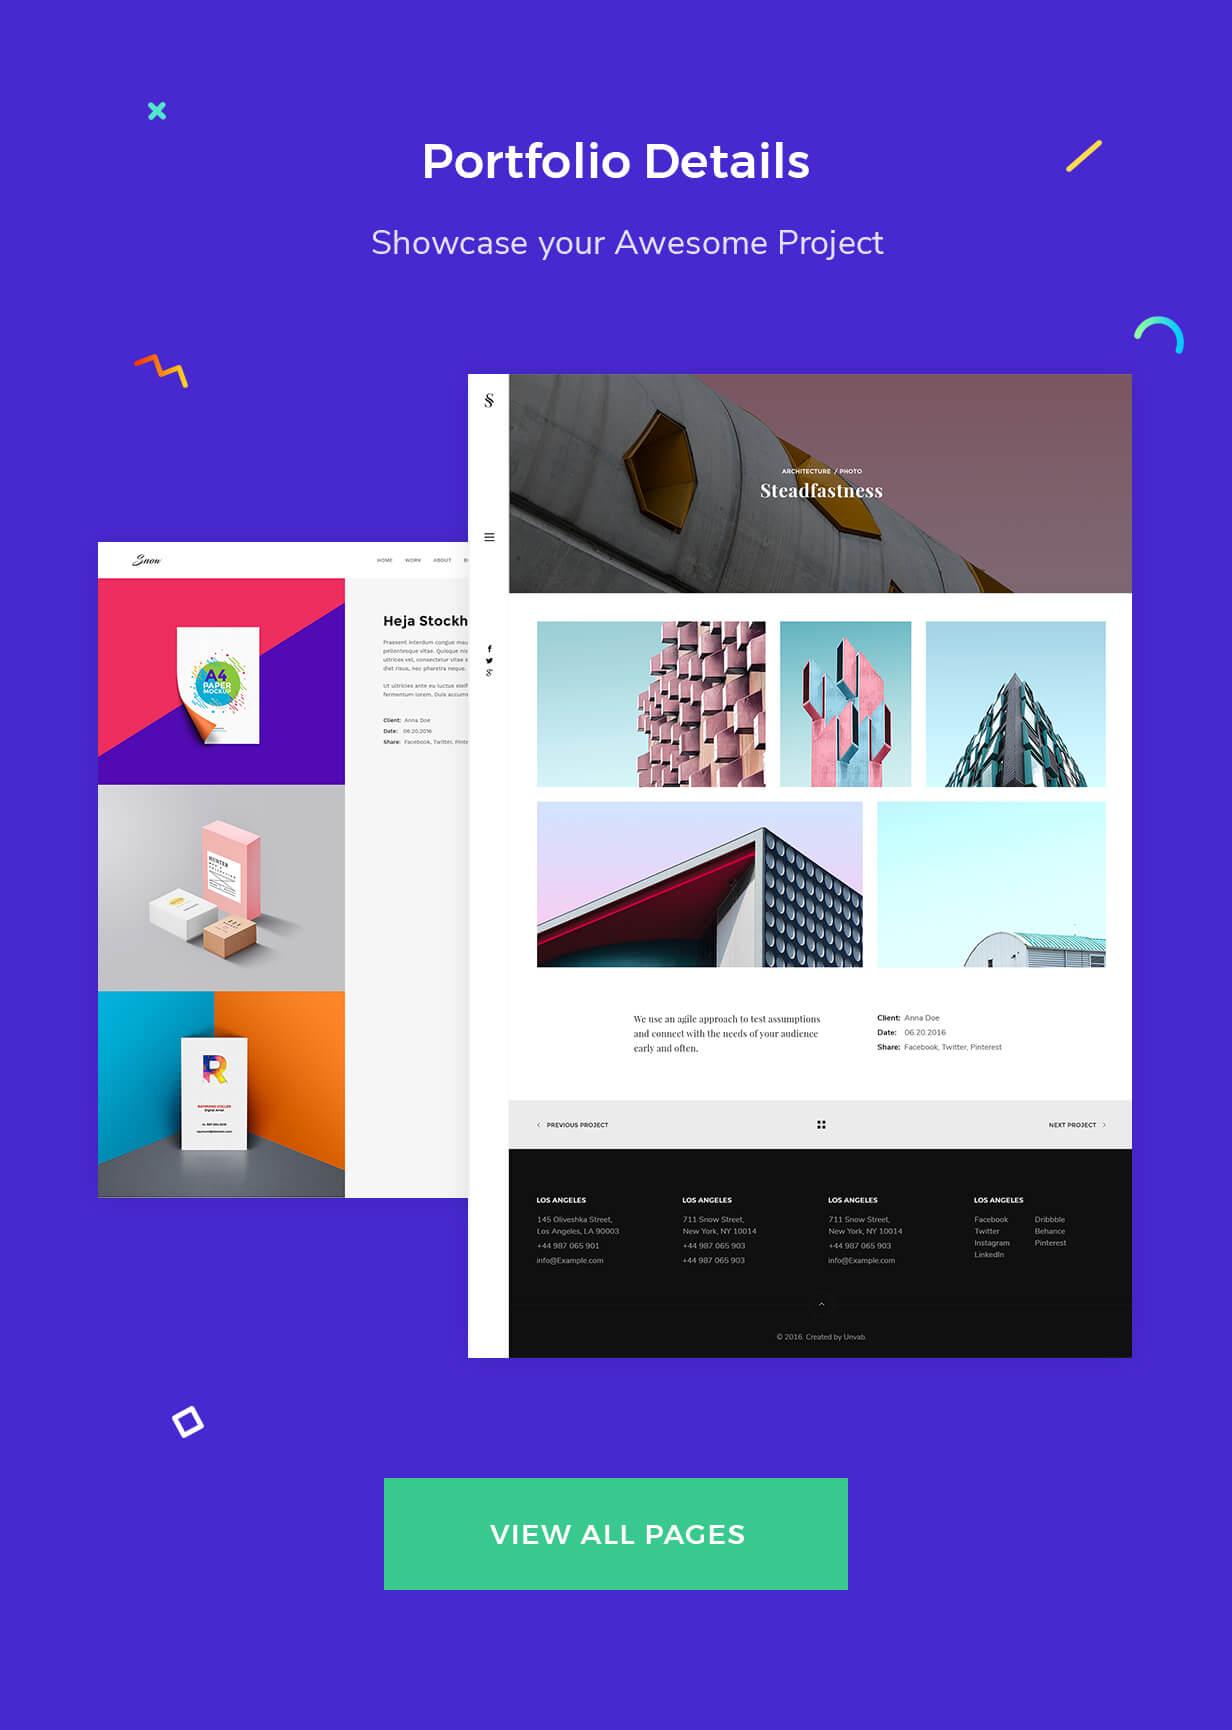 Viele Portfolio-Detailvarianten